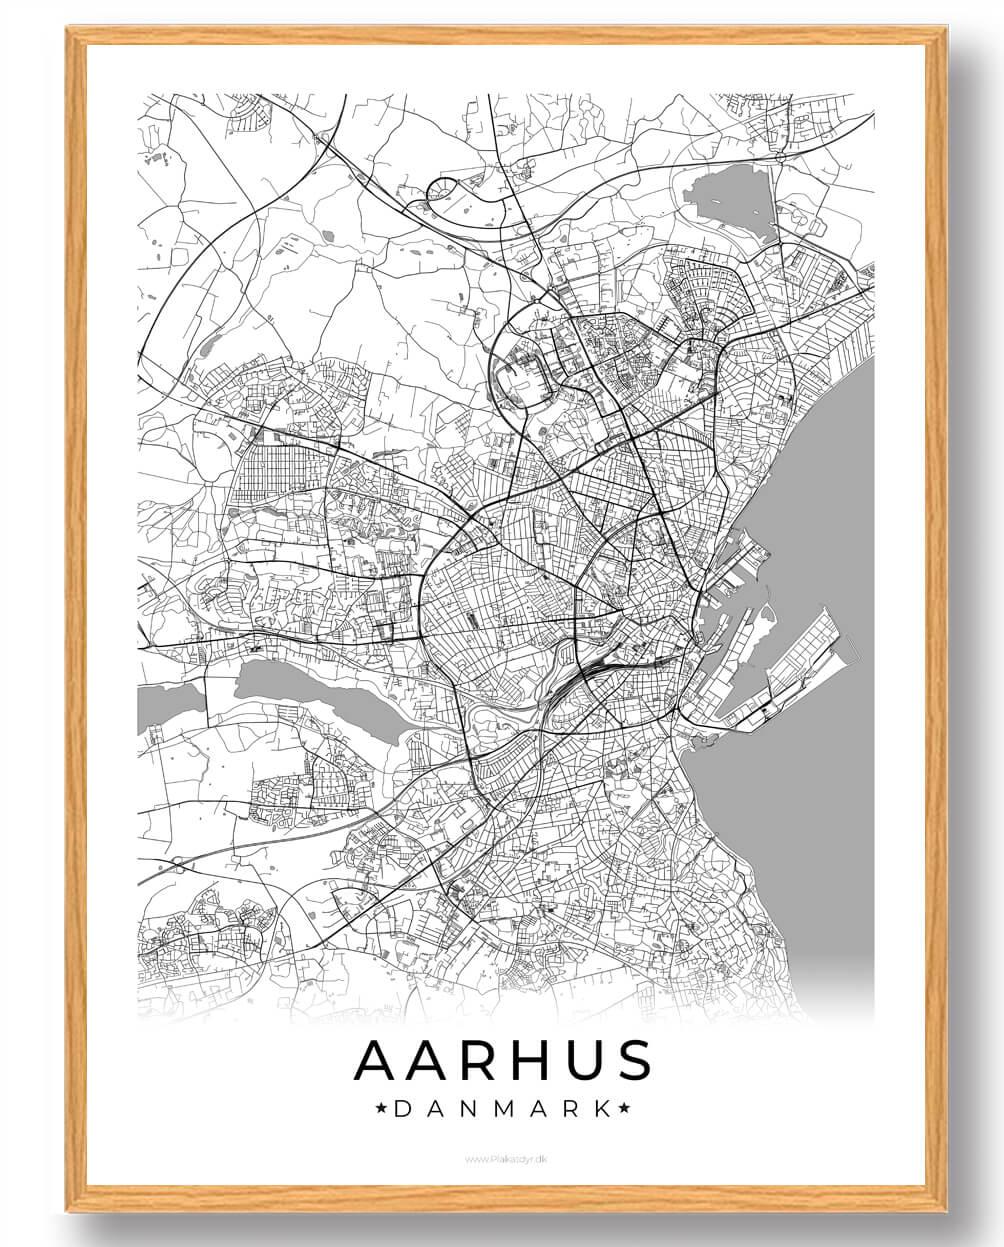 Kob Vores Aarhus Plakat Hvid Plakat Online Lynhurtig Og